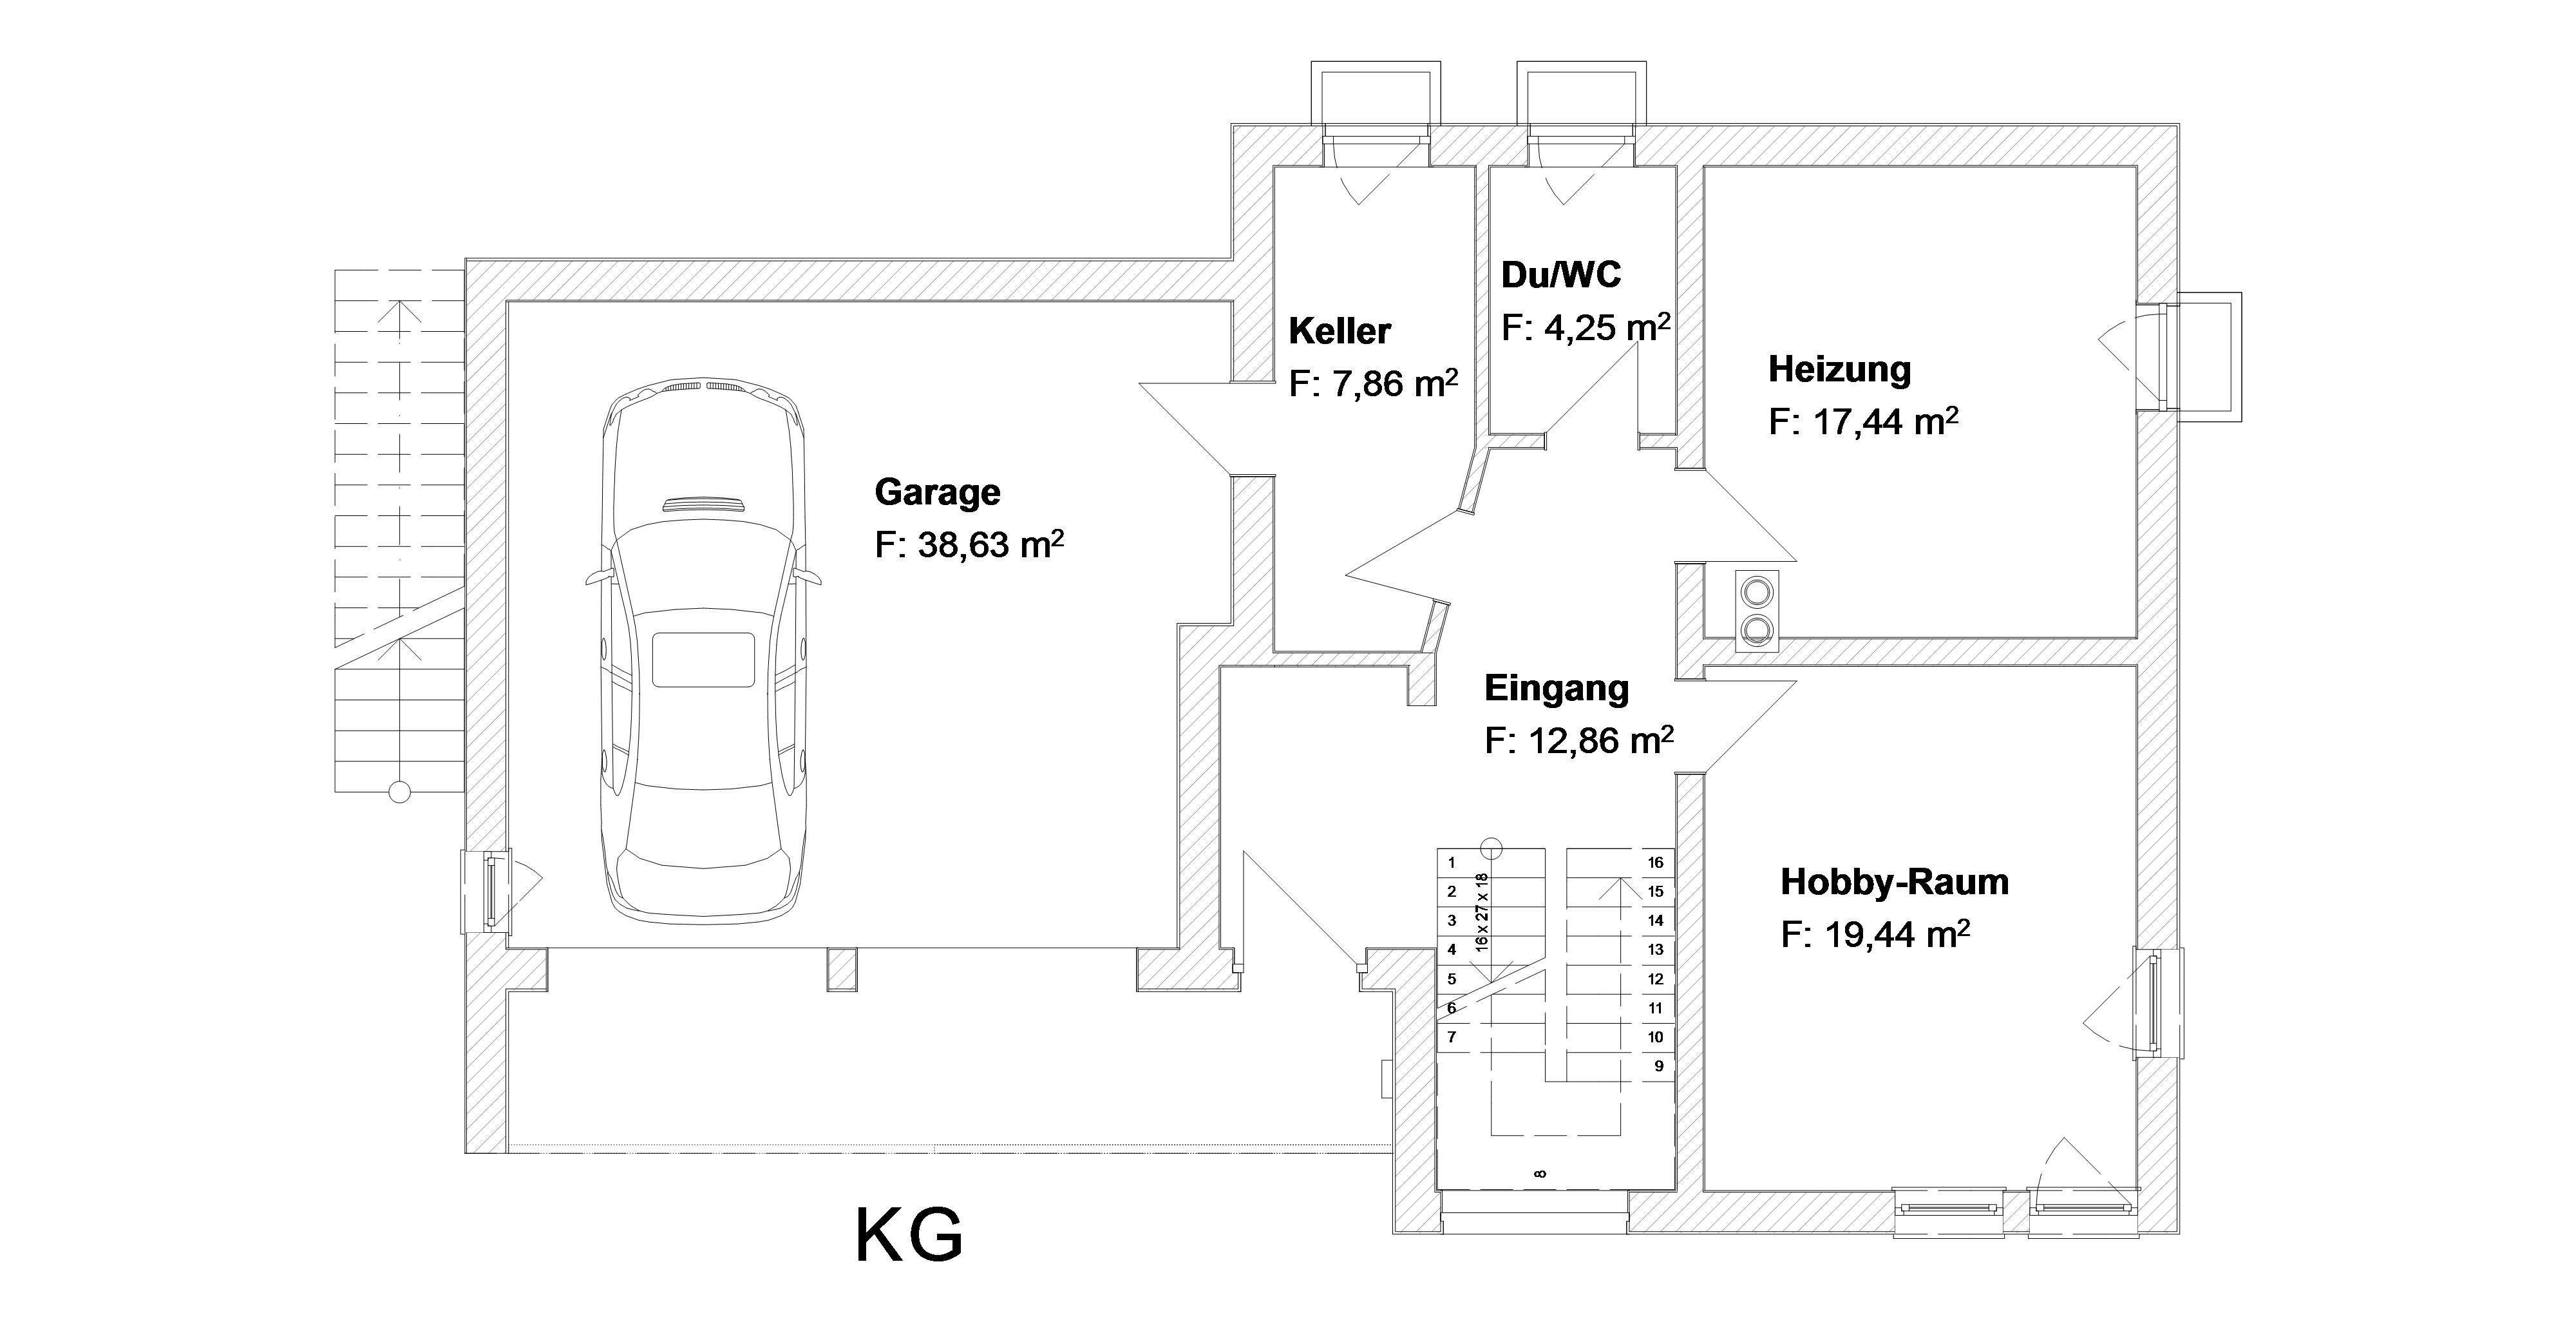 Baukosten Pro Qm : beautiful baukosten pro qm wohnfl che gallery ~ Lizthompson.info Haus und Dekorationen